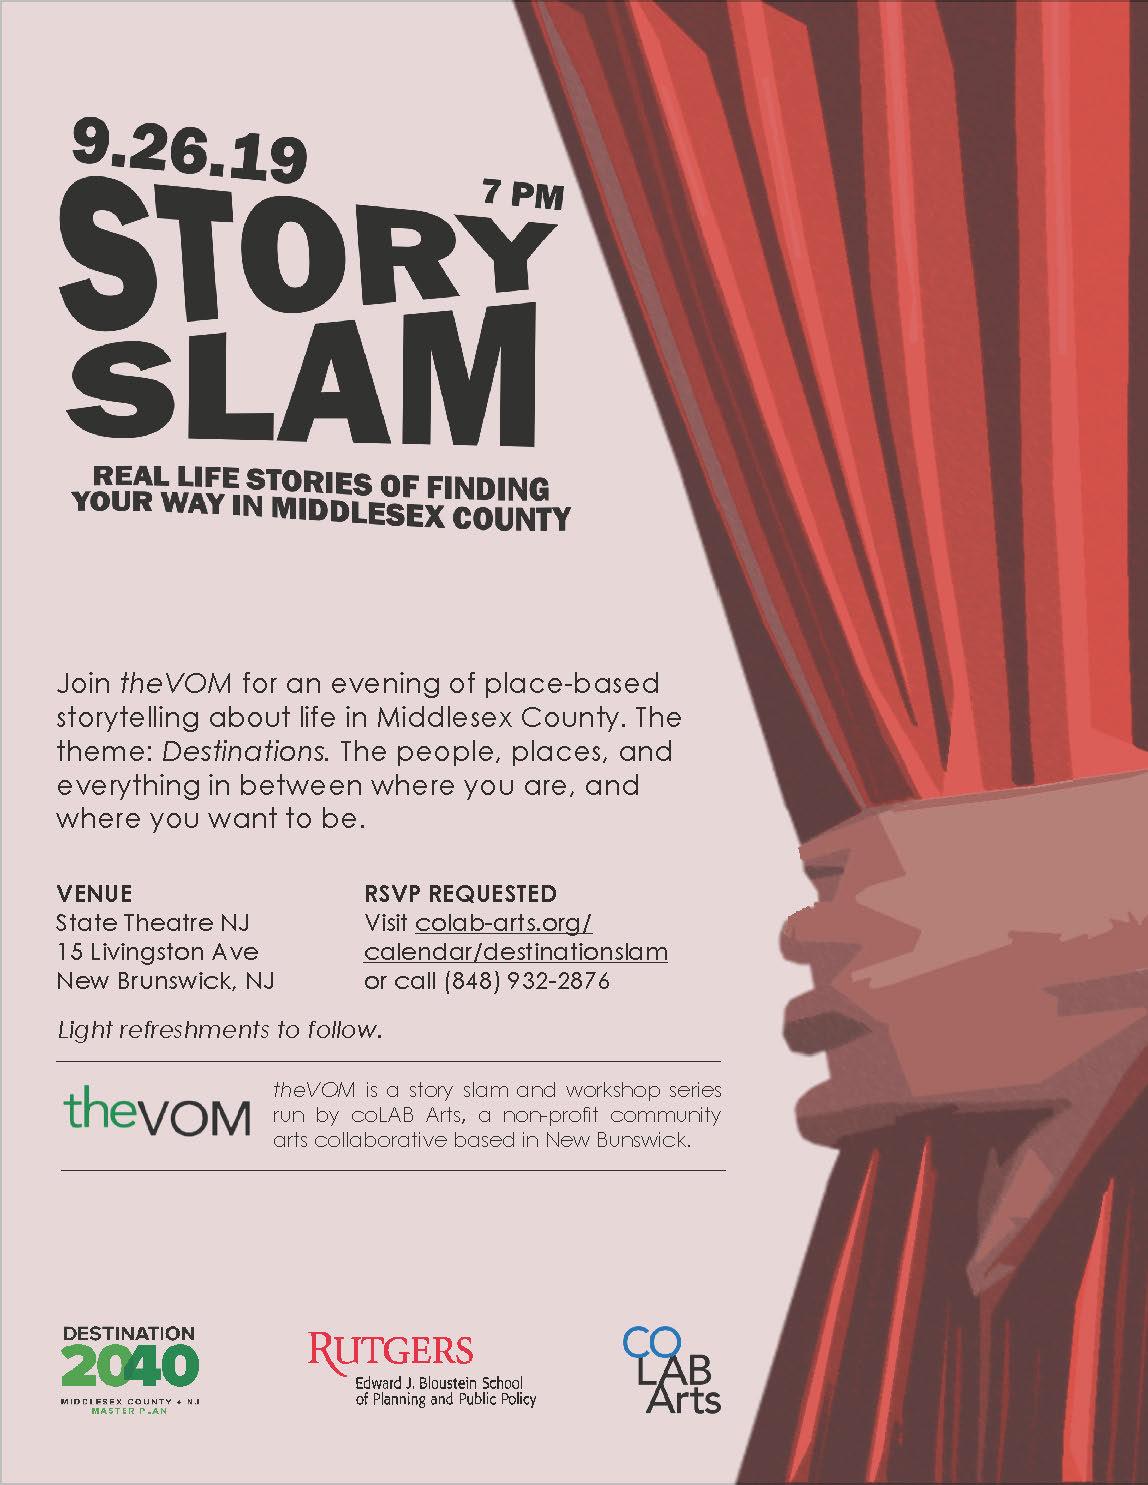 Story Slam flyer 7 23 19.jpg